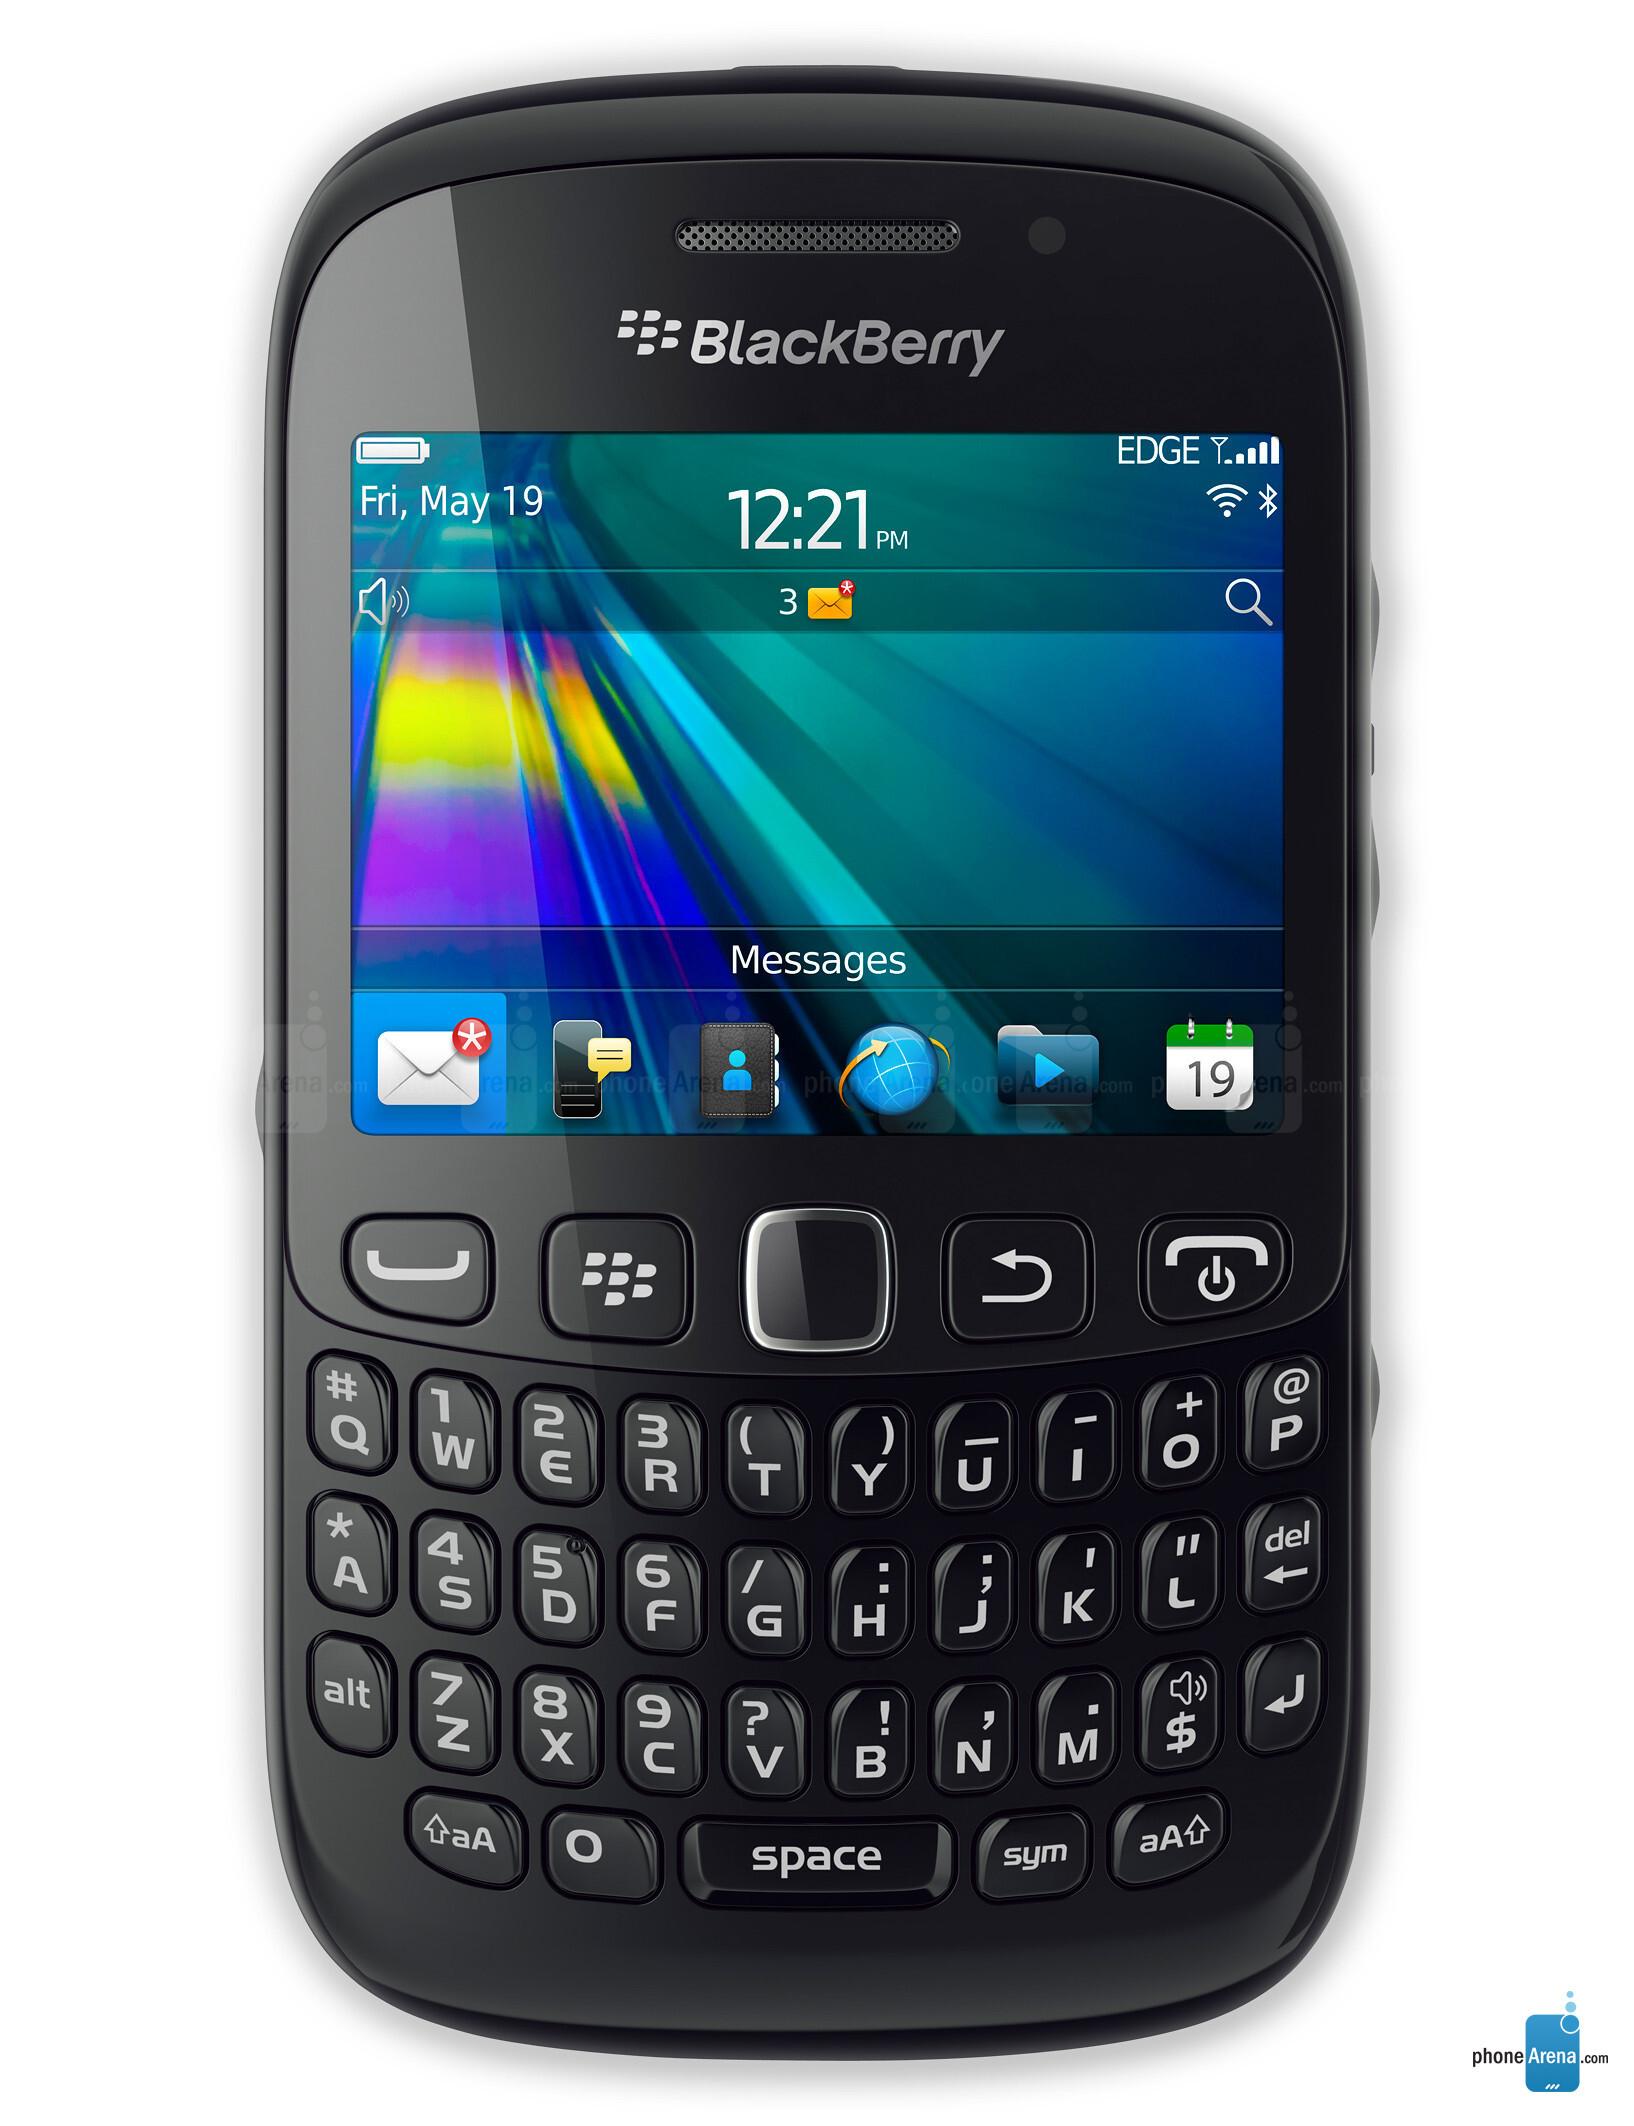 blackberry curve 9220 photos rh phonearena com Sprint BlackBerry Internet Service Sprint BlackBerry Curve